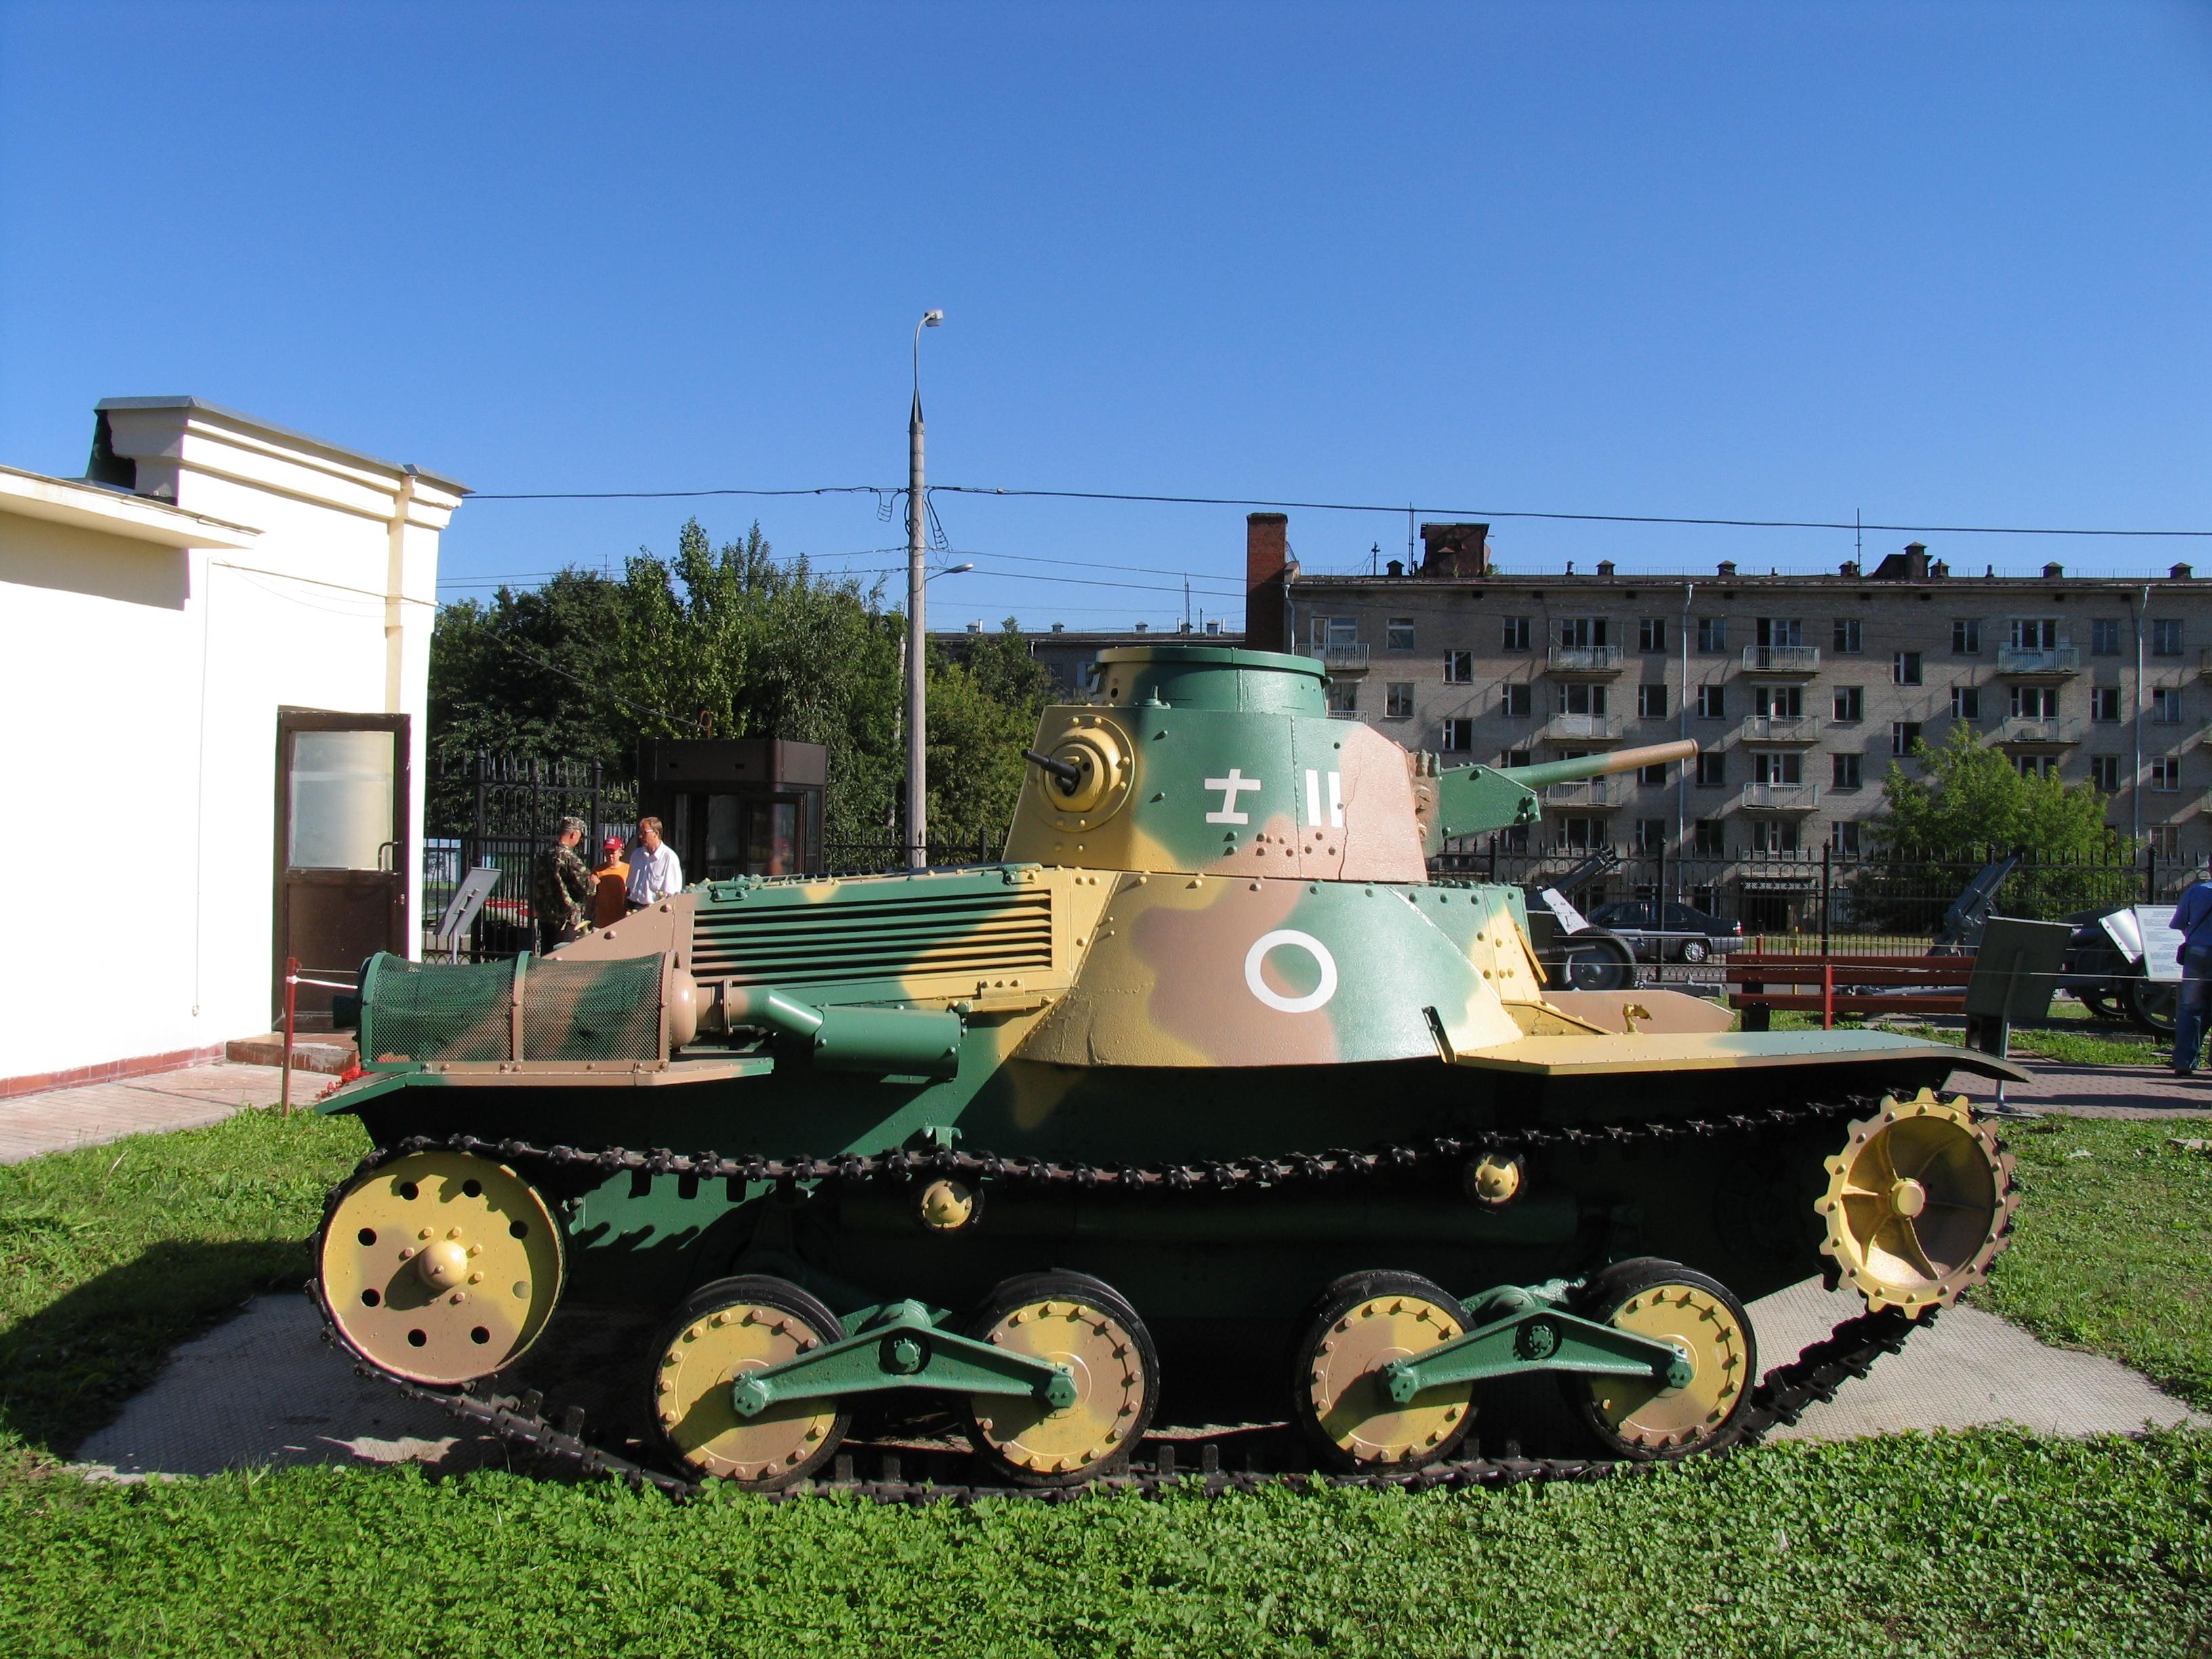 九五式軽戦車 画像出典:https://ja.wikipedia.org/wiki/九五式軽戦車